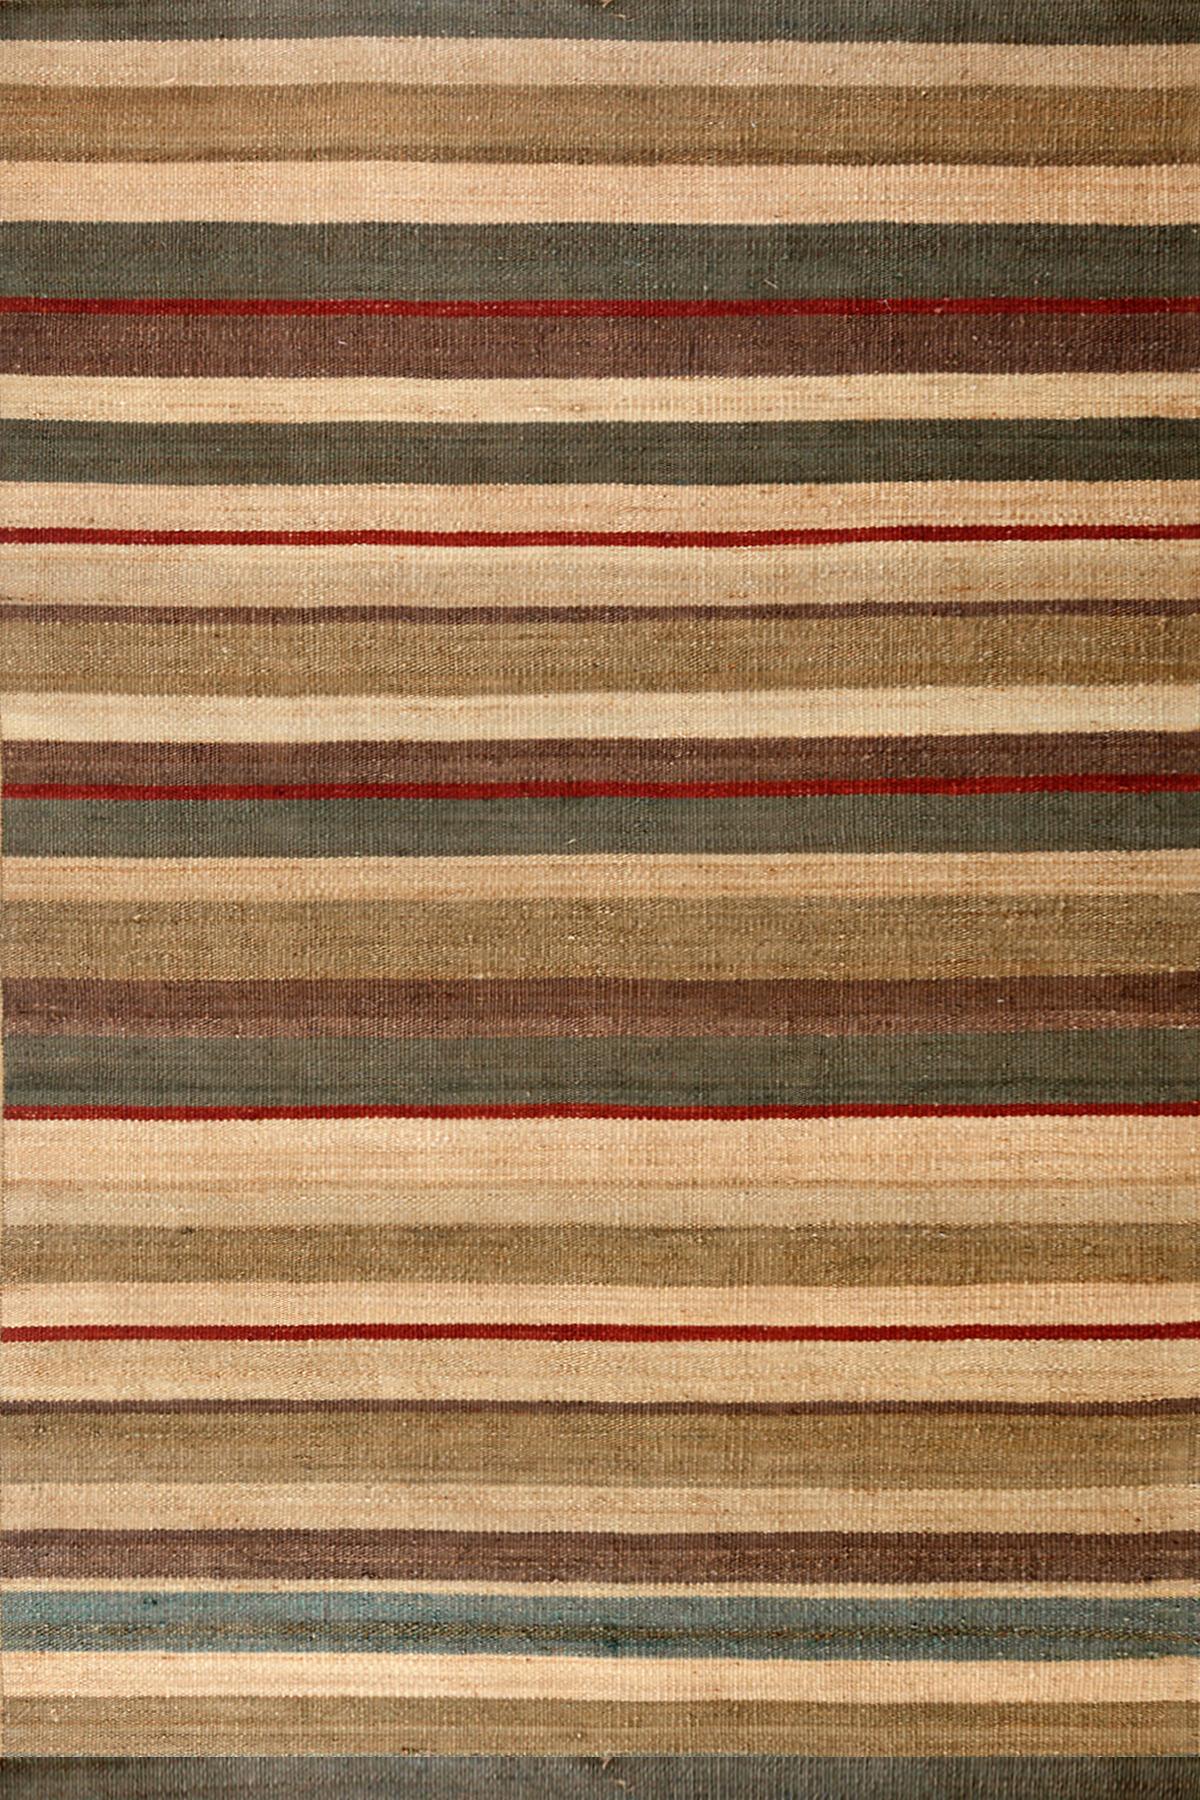 Striped Jute Rug Home Decor